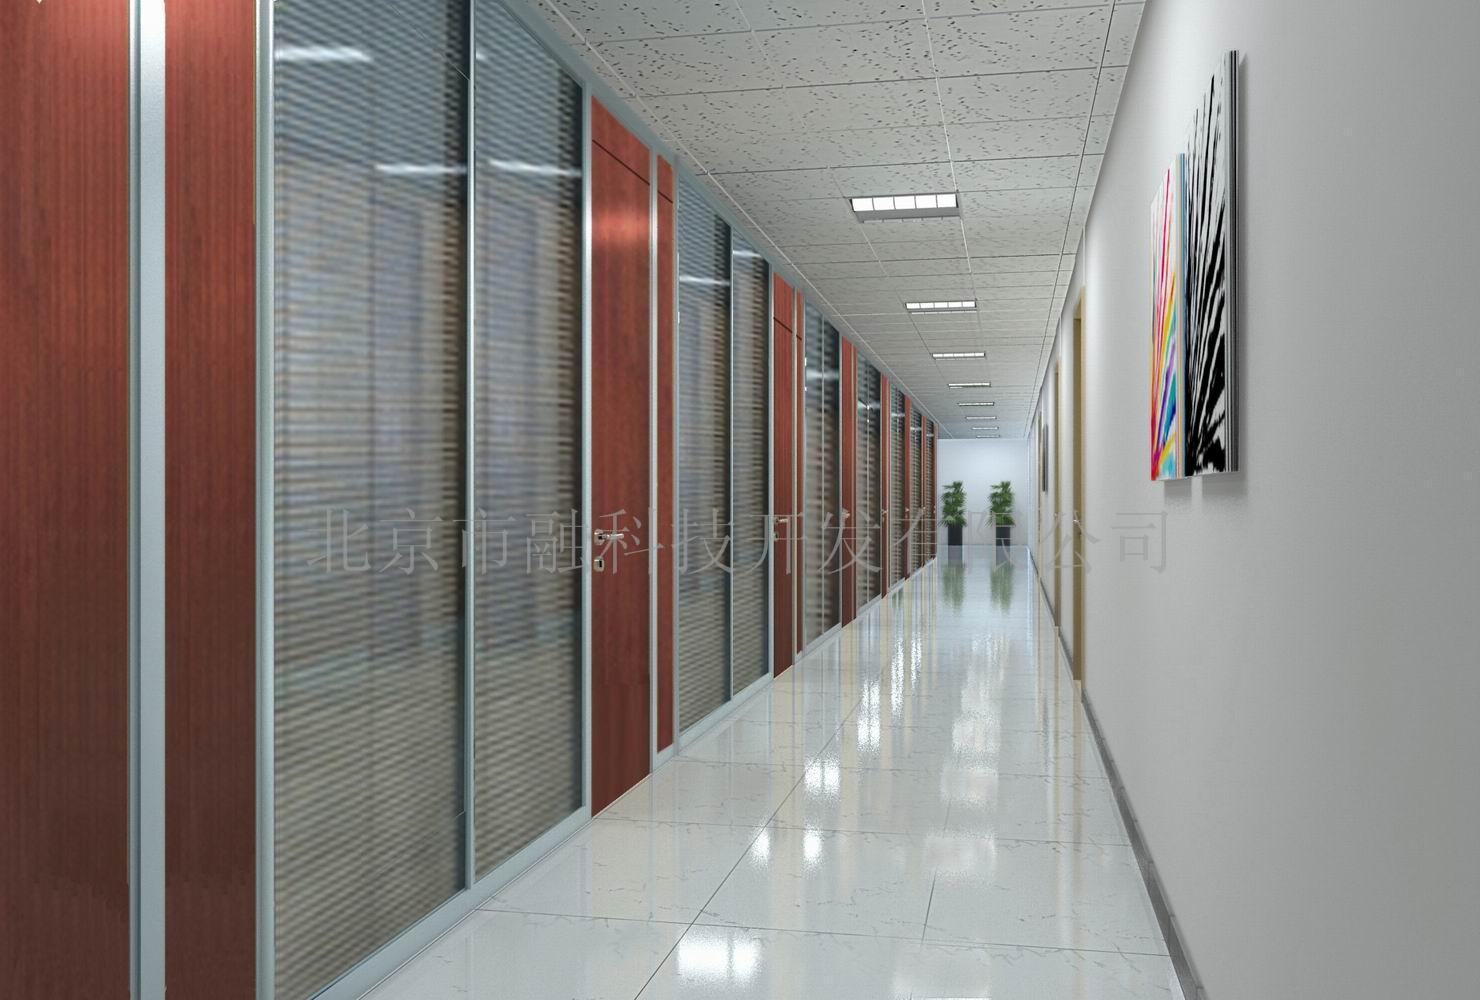 品 名:高隔间/高隔断/双玻百叶隔断 型 号:SR-G80系列 框架材质:铝镁合金,银白氧化、白色、铝本色、喷涂、转引边框 内置材质:5+5MM钢化/10-12MM钢化/硅钙板材/手、电动铝百叶 适用范围:高档写字楼,CBD商务中心,政府机关部门 石融隔断系列特点1、隔断型材可重复利用率高:铝合金型材办公隔断拆卸后的重复利用率可达到90%以上。   2、可选用各种工艺、风格的玻璃、板材等面板进行组装,具有更强的隔音、装饰效果。   3、便于拆卸:独特的结构设计,不仅安装简便高效,而且维修拆卸简单,可任意一